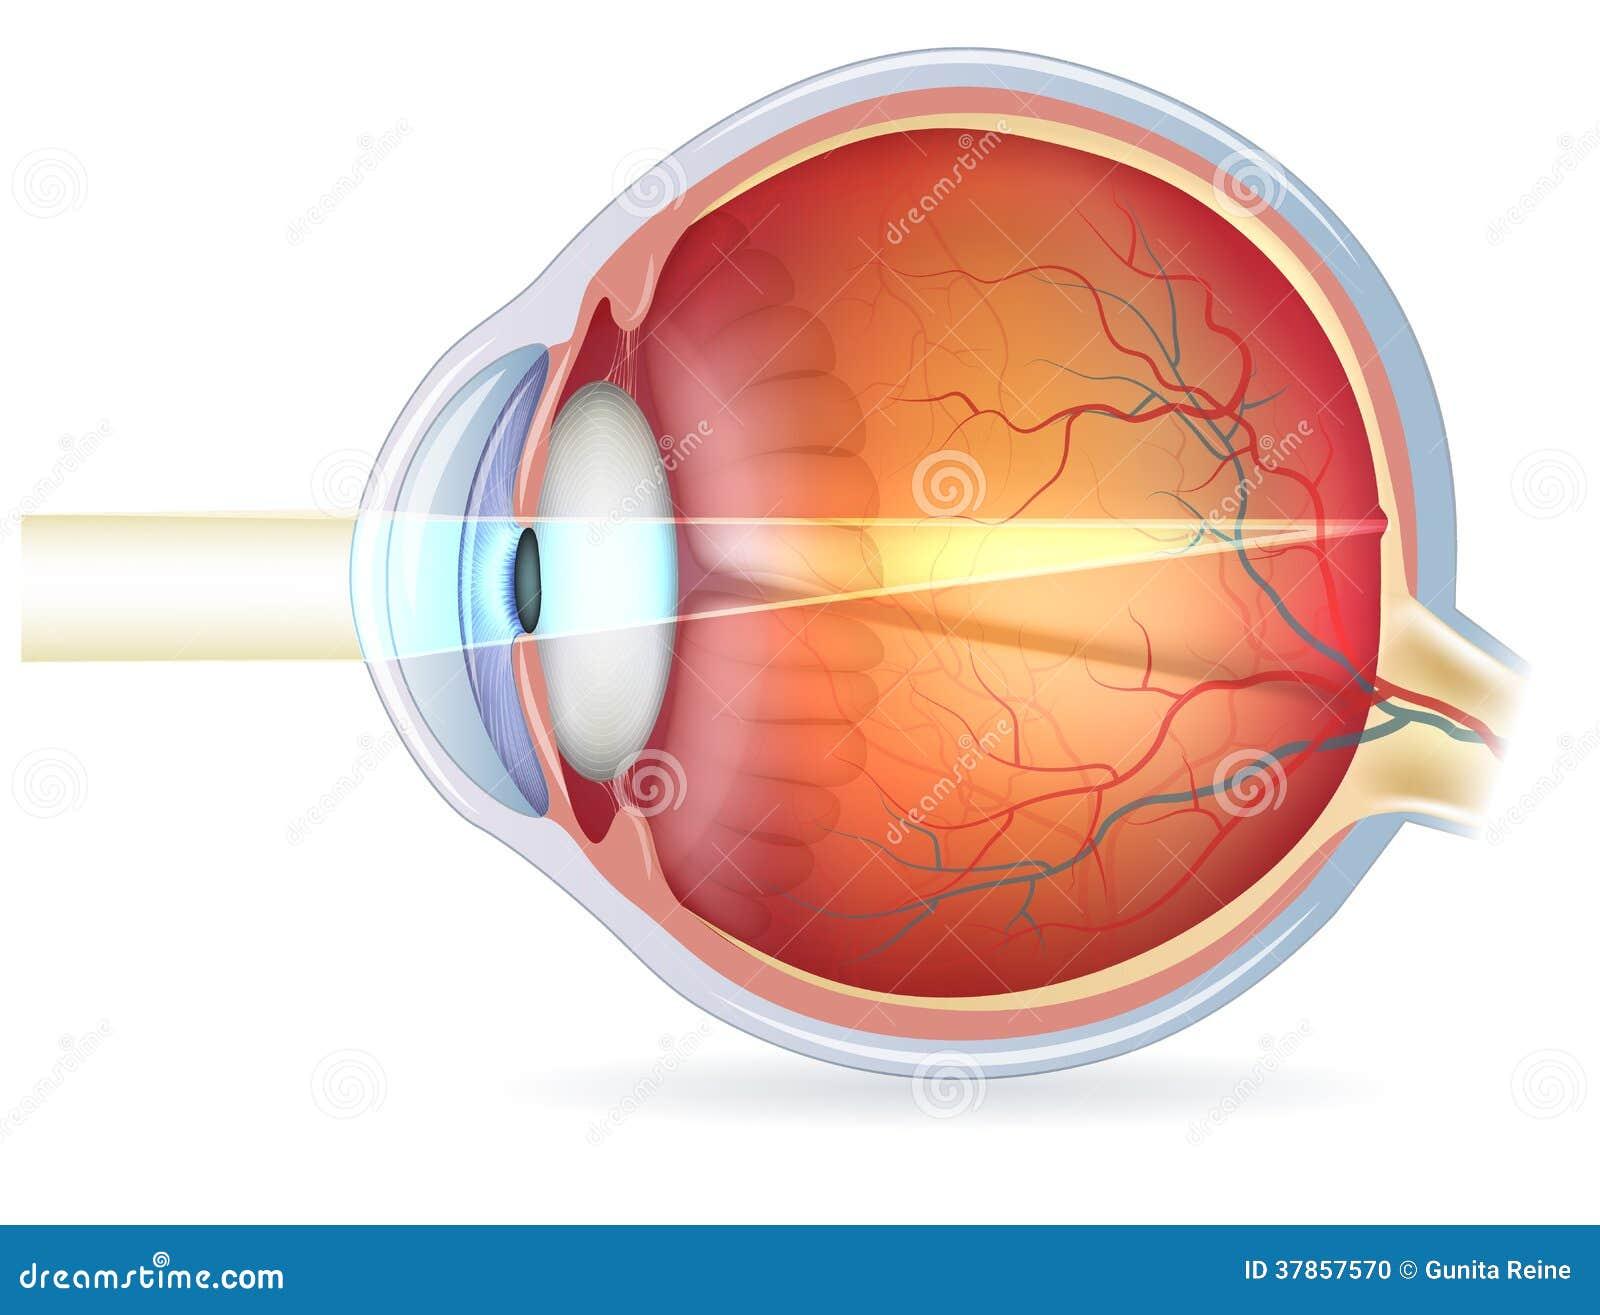 Corte Transversal Del Ojo Humano, Visión Normal Ilustración del ...